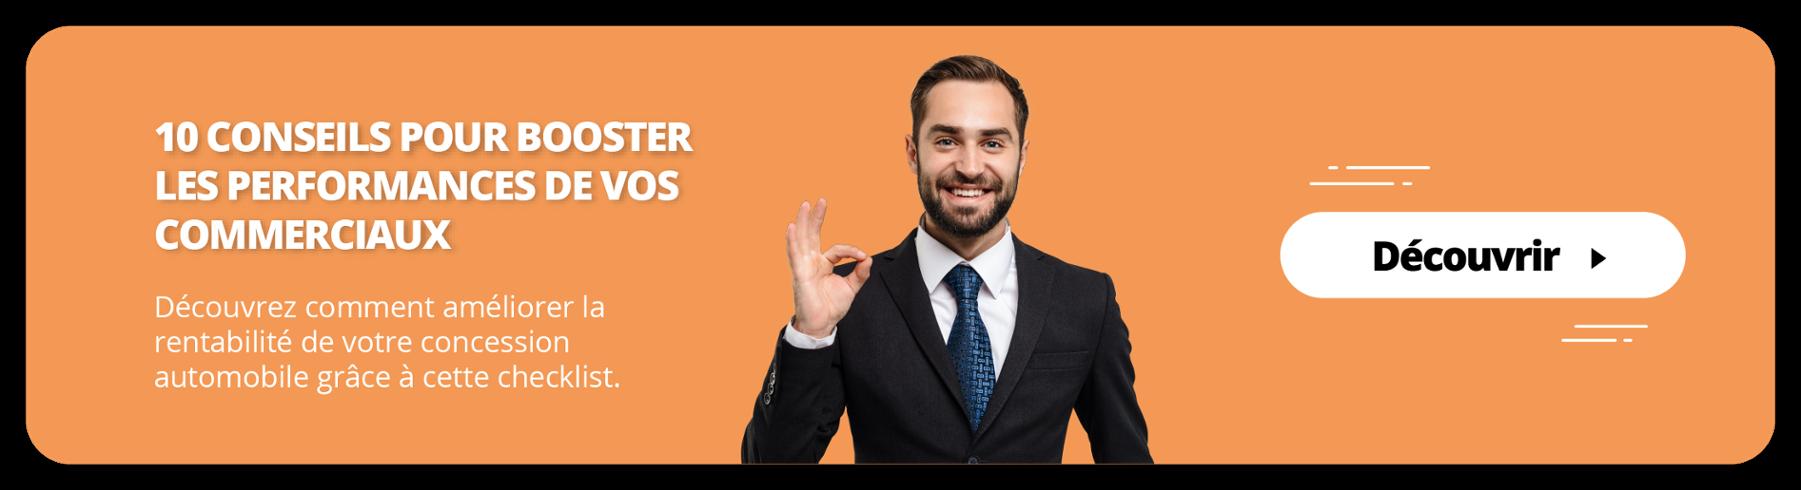 10 conseils pour booster les performances de vos commerciaux